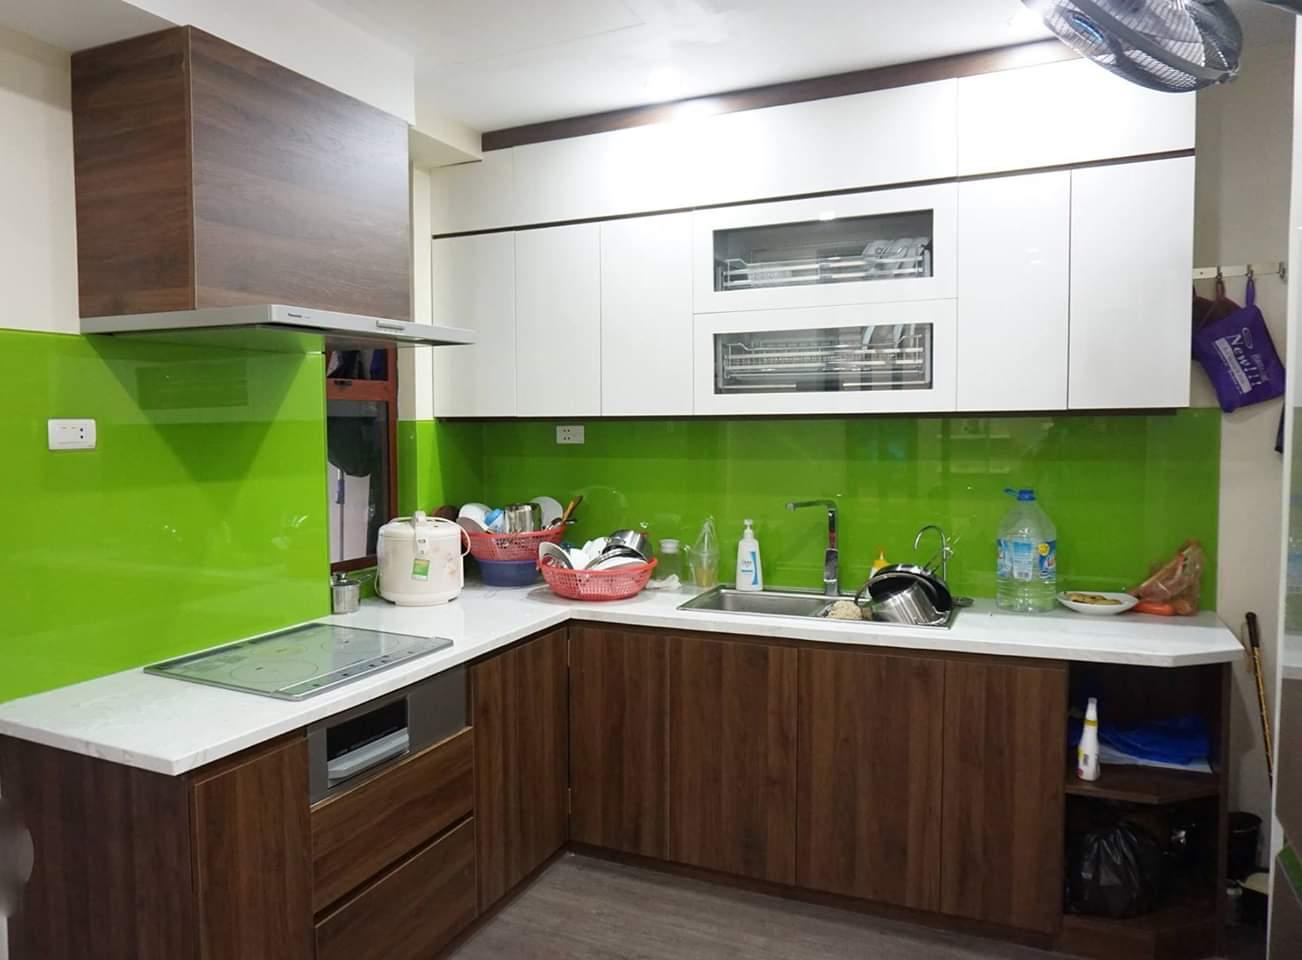 Nội thất Acado cung cấp kính bếp màu theo phong thủy bền, chịu nhiệt tốt, giá rẻ nhất Hà Nội.